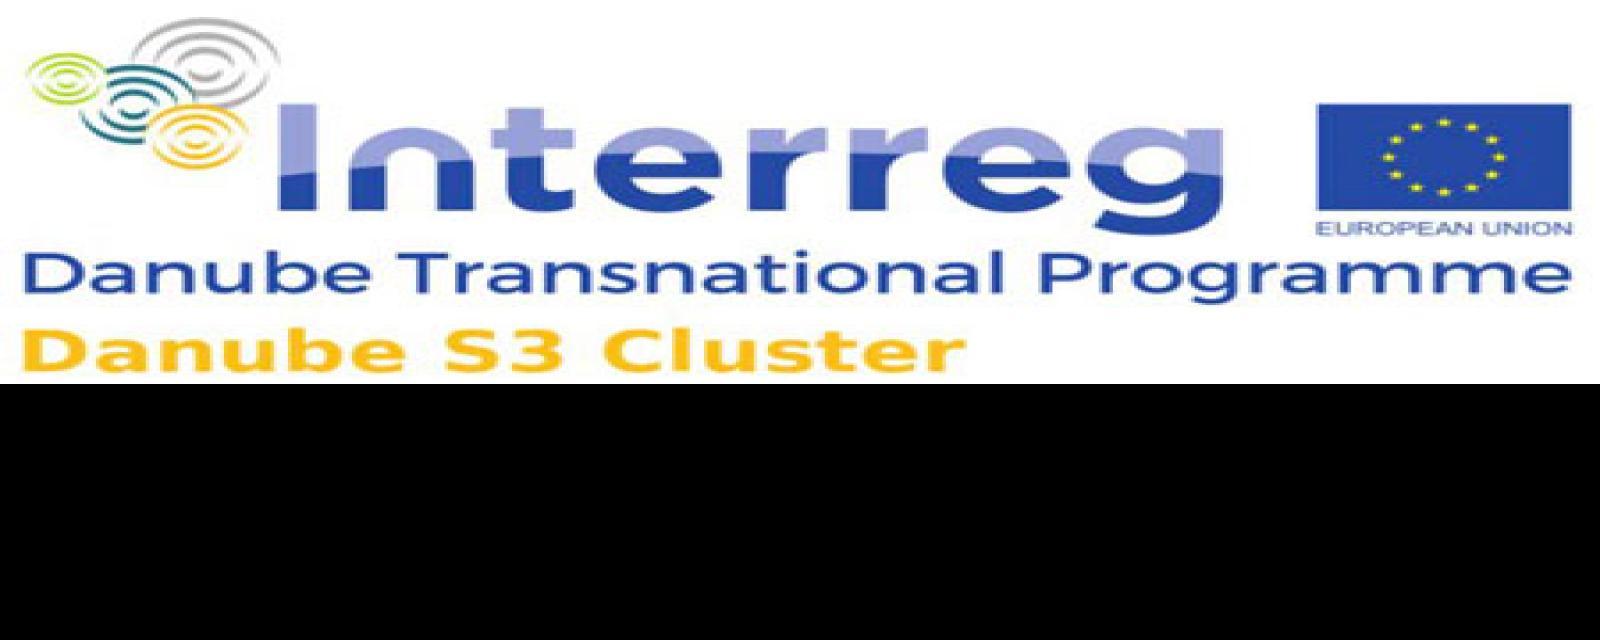 antet-danube-s3-cluster-450x180.jpg